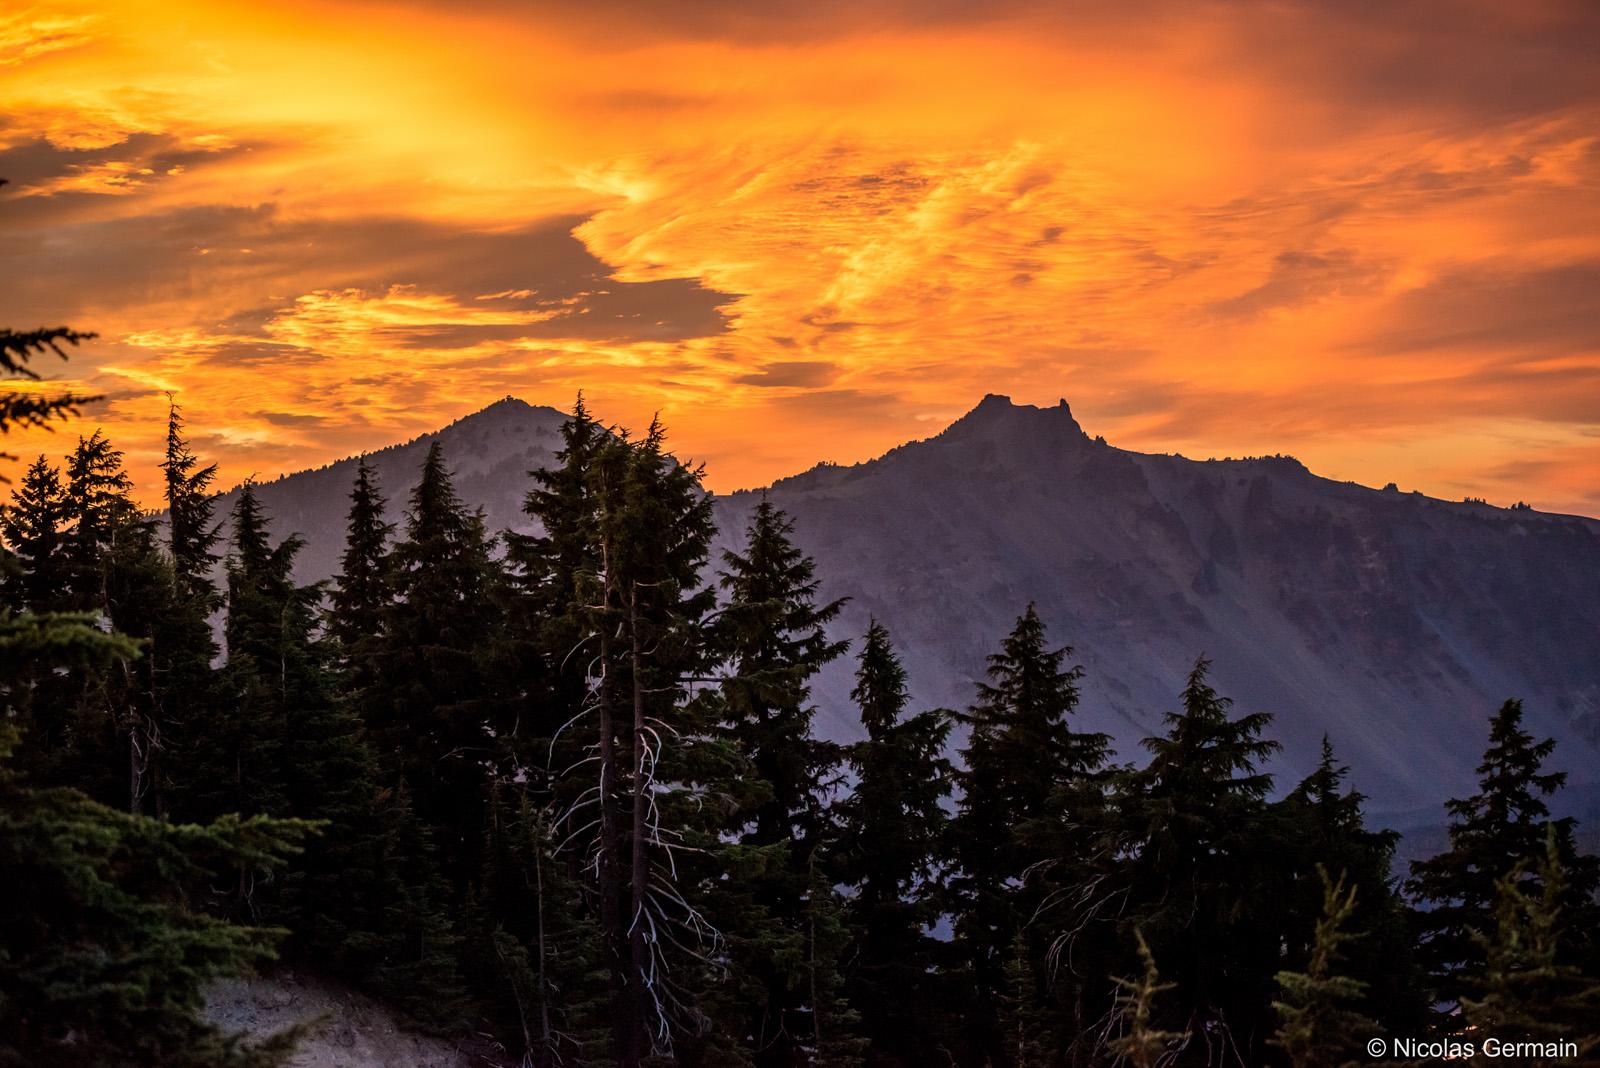 Ciel orangée en fin de coucher de soleil sur Crater Lake, Oregon